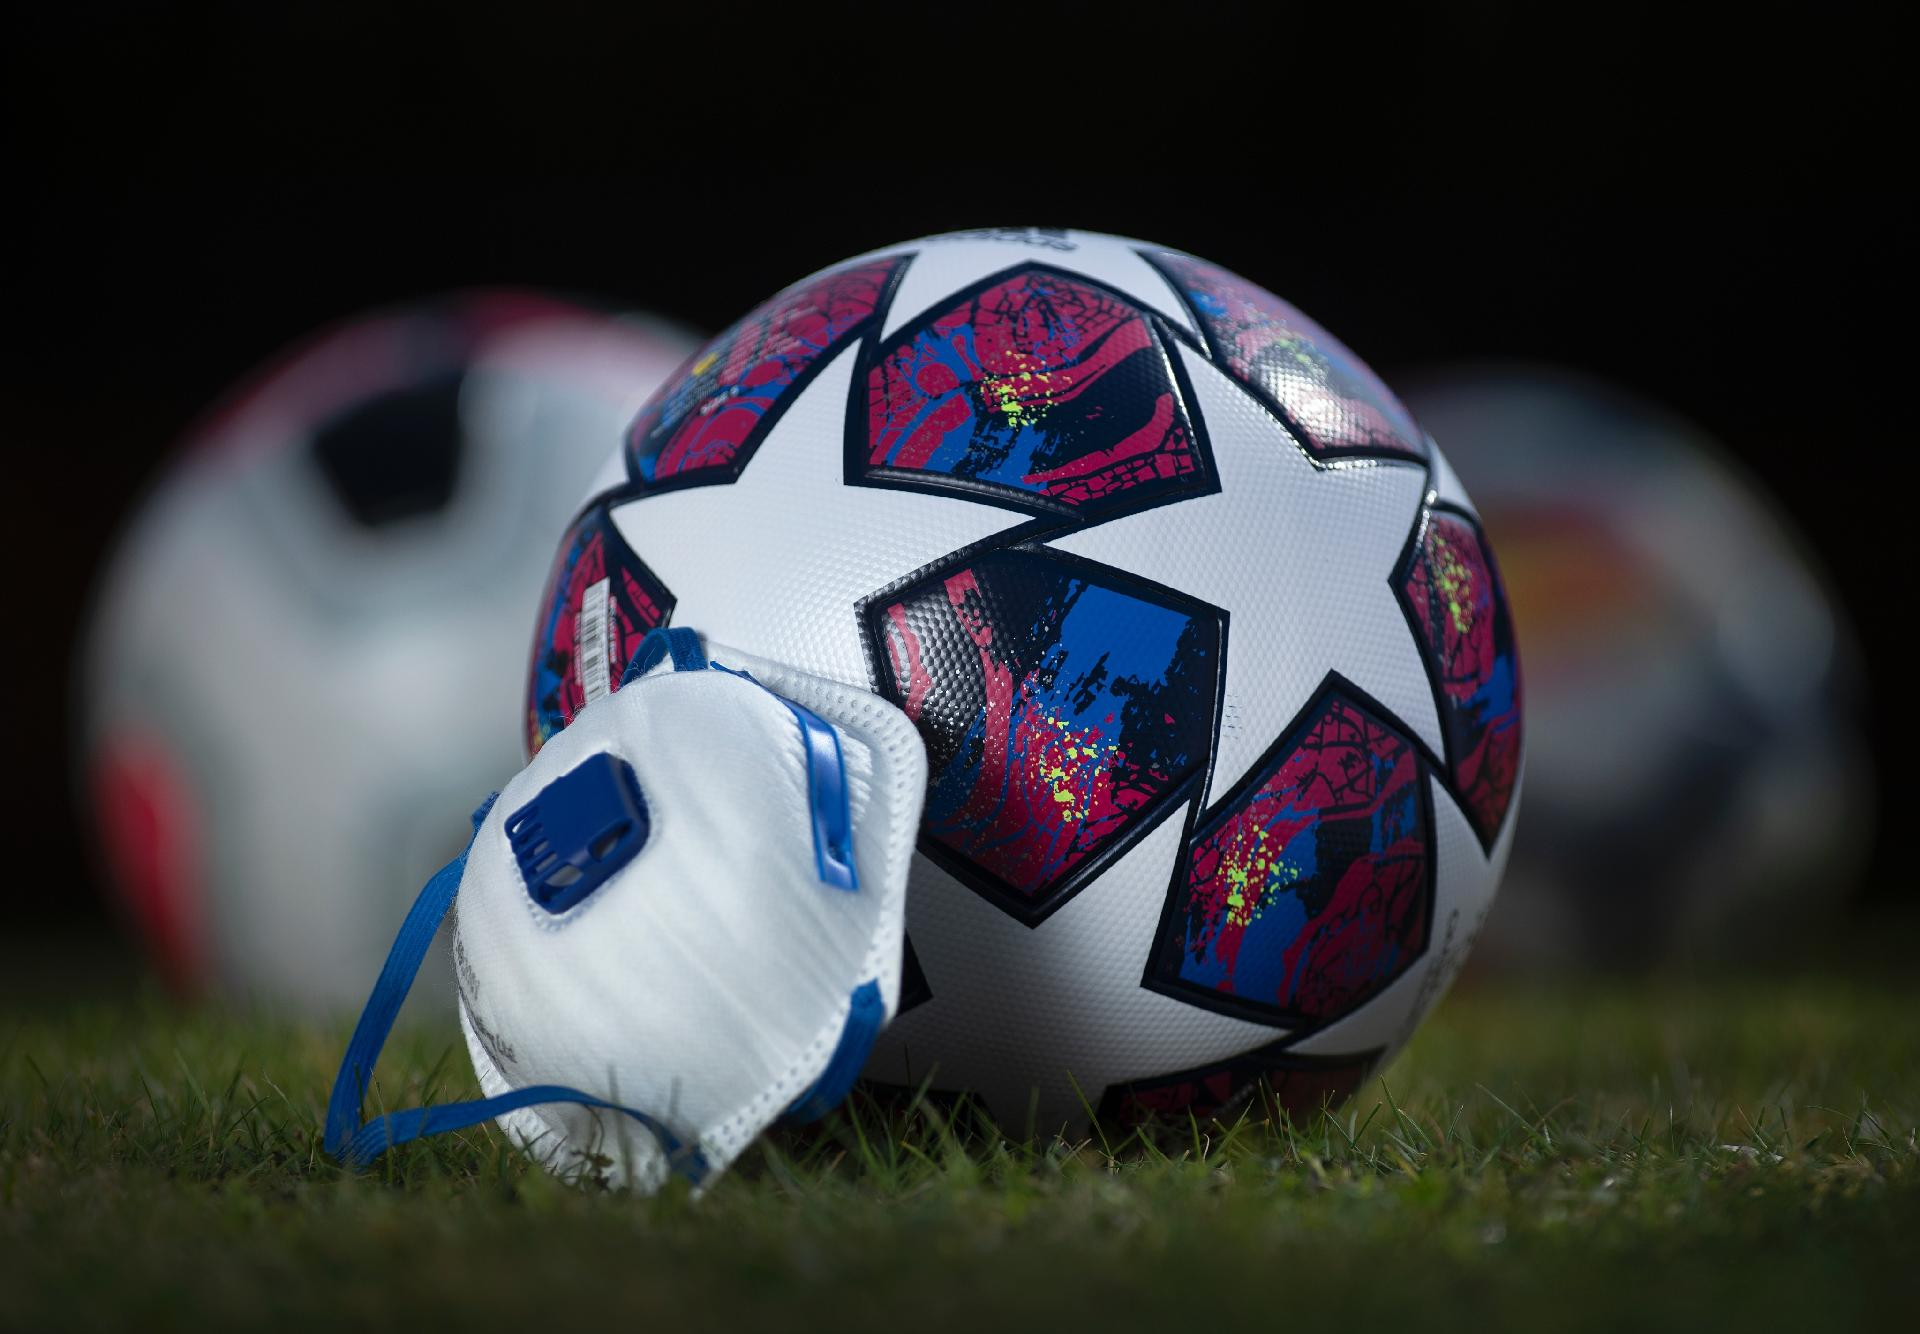 Campeonato Francês: times da França relatam casos de covid-19 a uma semana  de começar o torneio